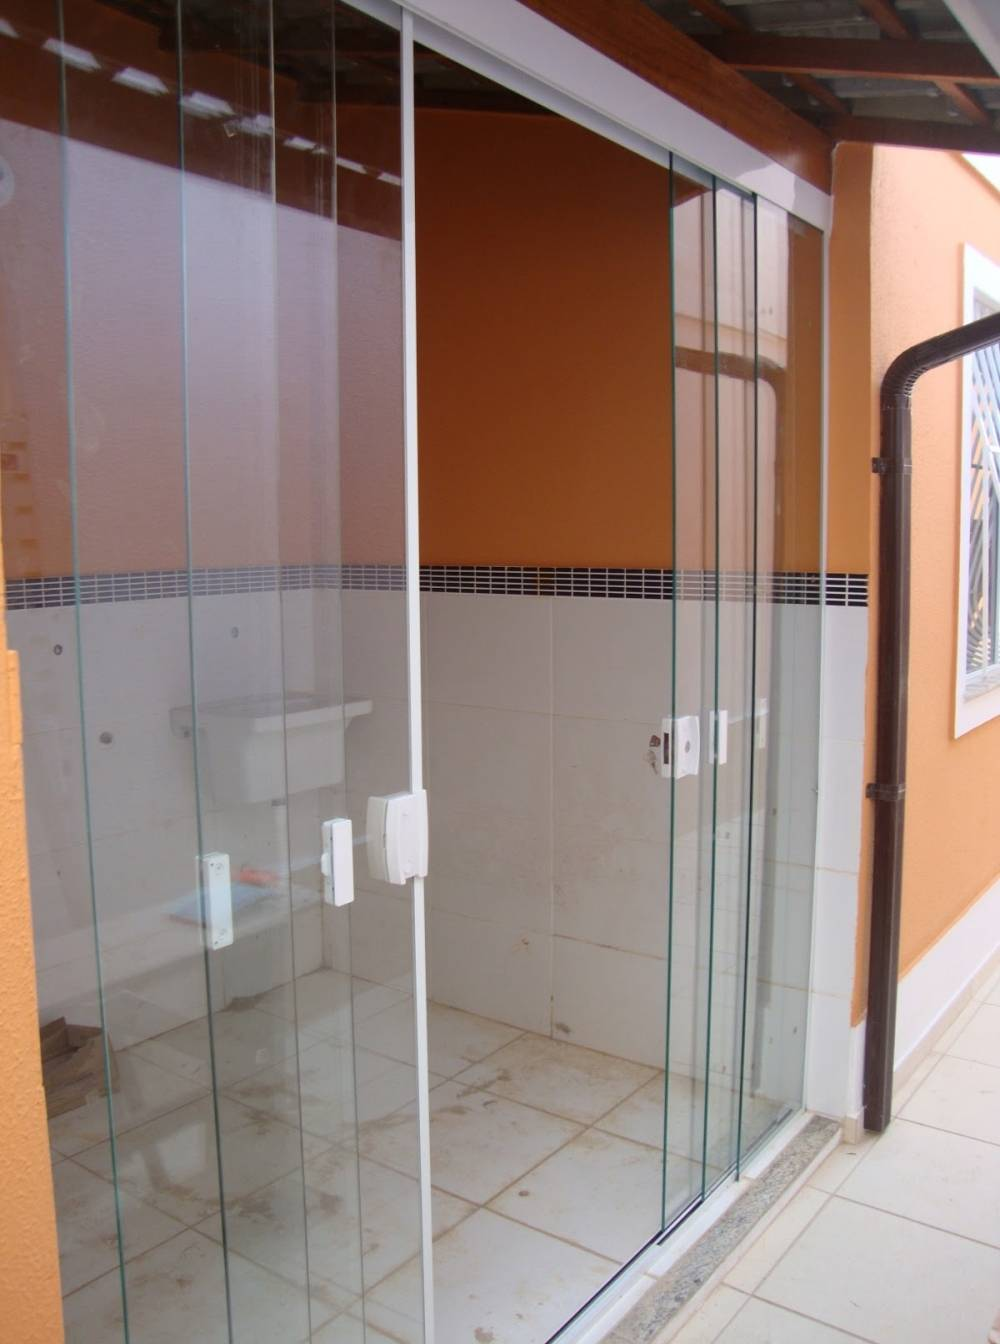 Porta de Vidro com Fechadura Preço na Cidade Tiradentes - Porta de Vidro de Correr